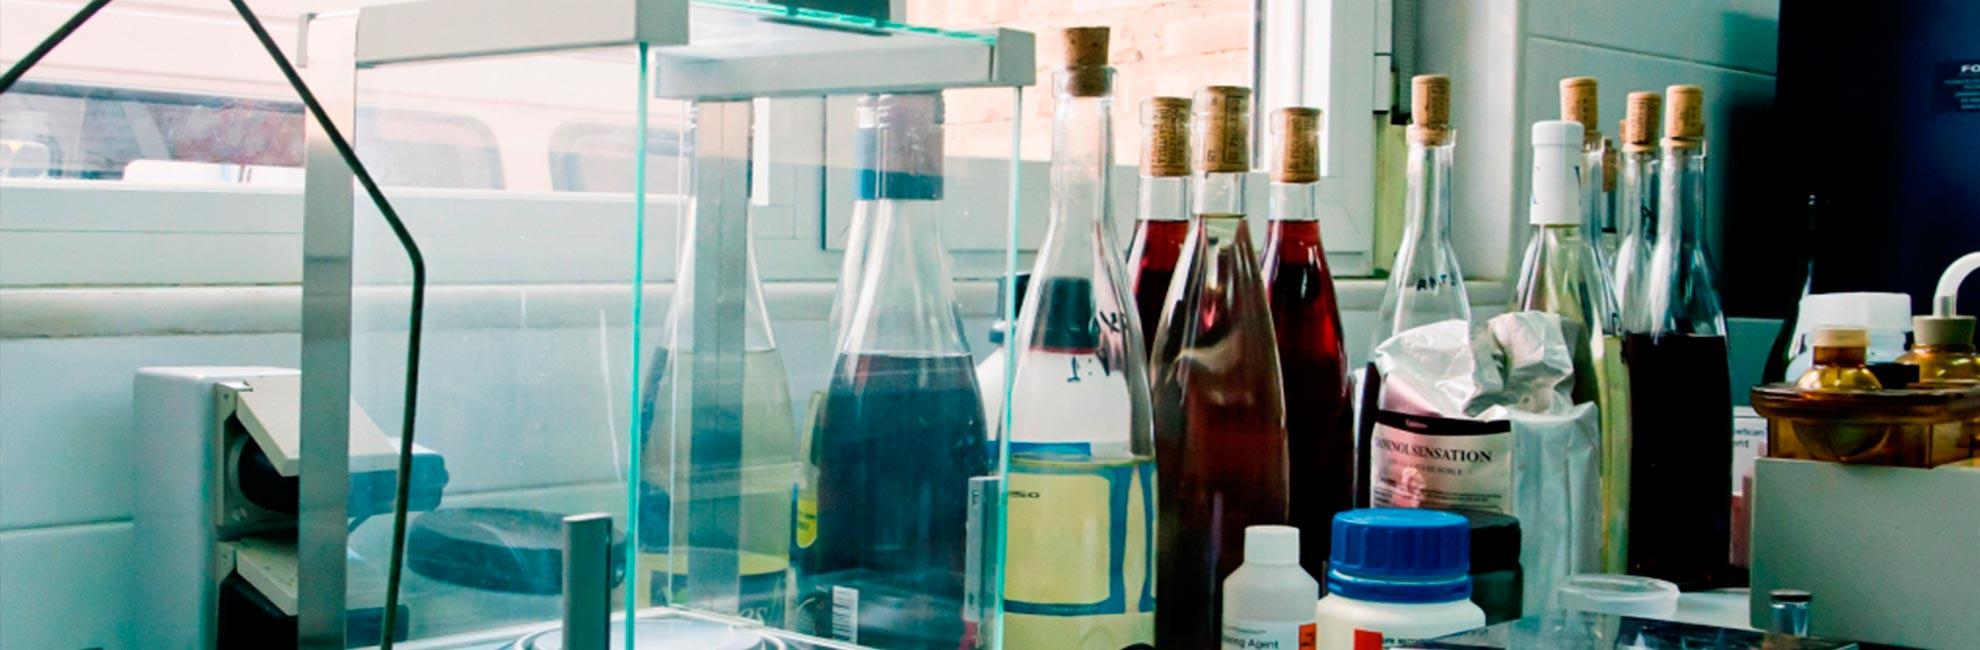 laboratorio-vino-don-quijote